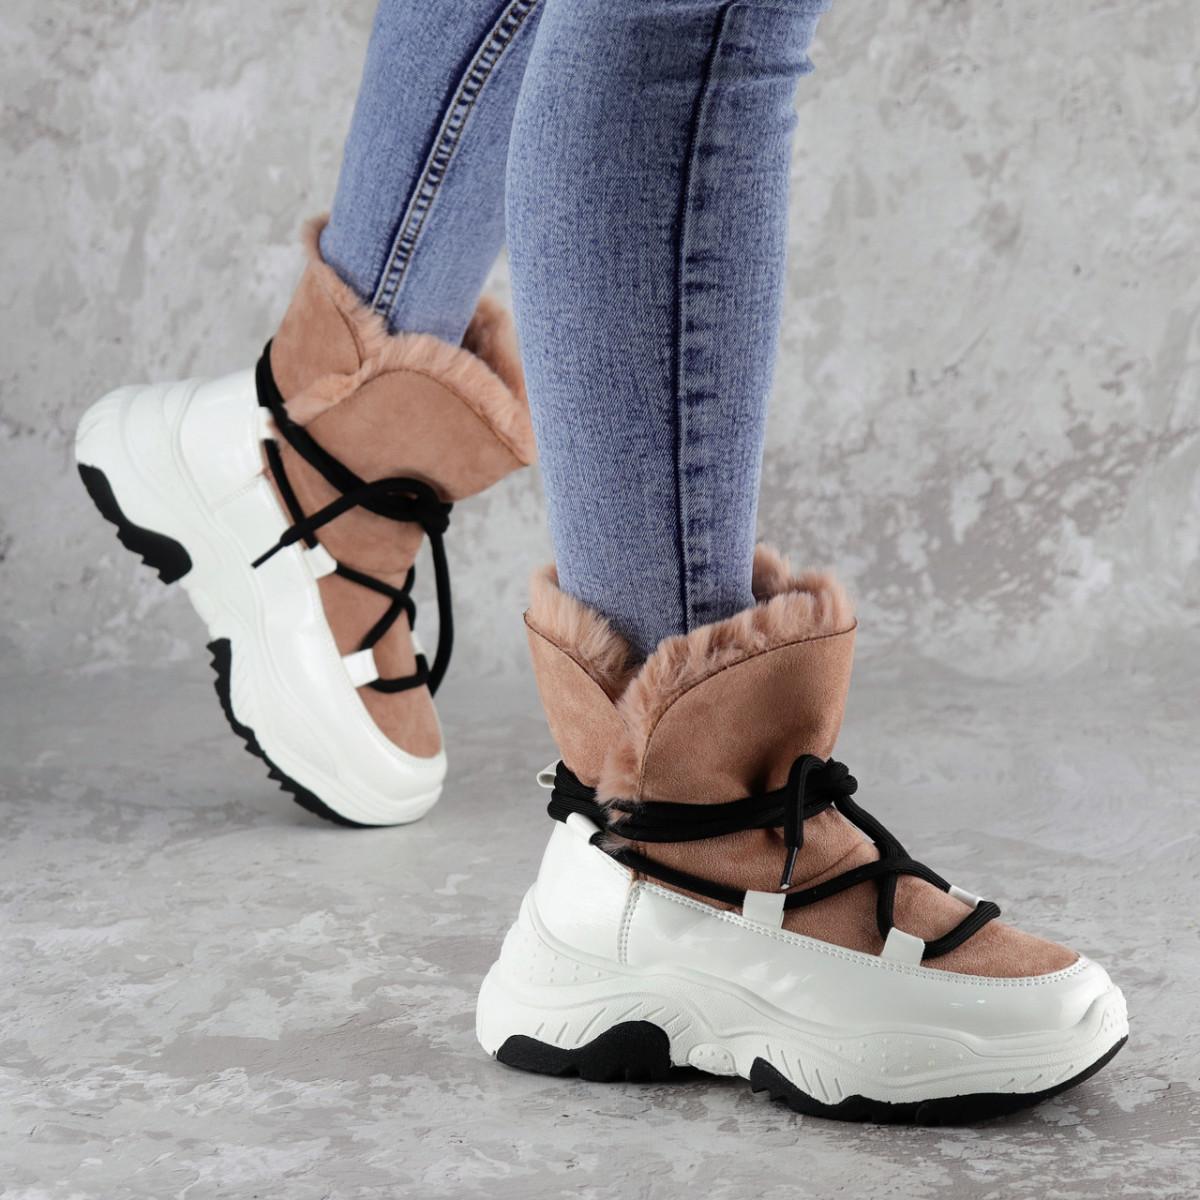 Ботинки женские зимние Fashion Freddy 2274 37 размер 23,5 см Розовый